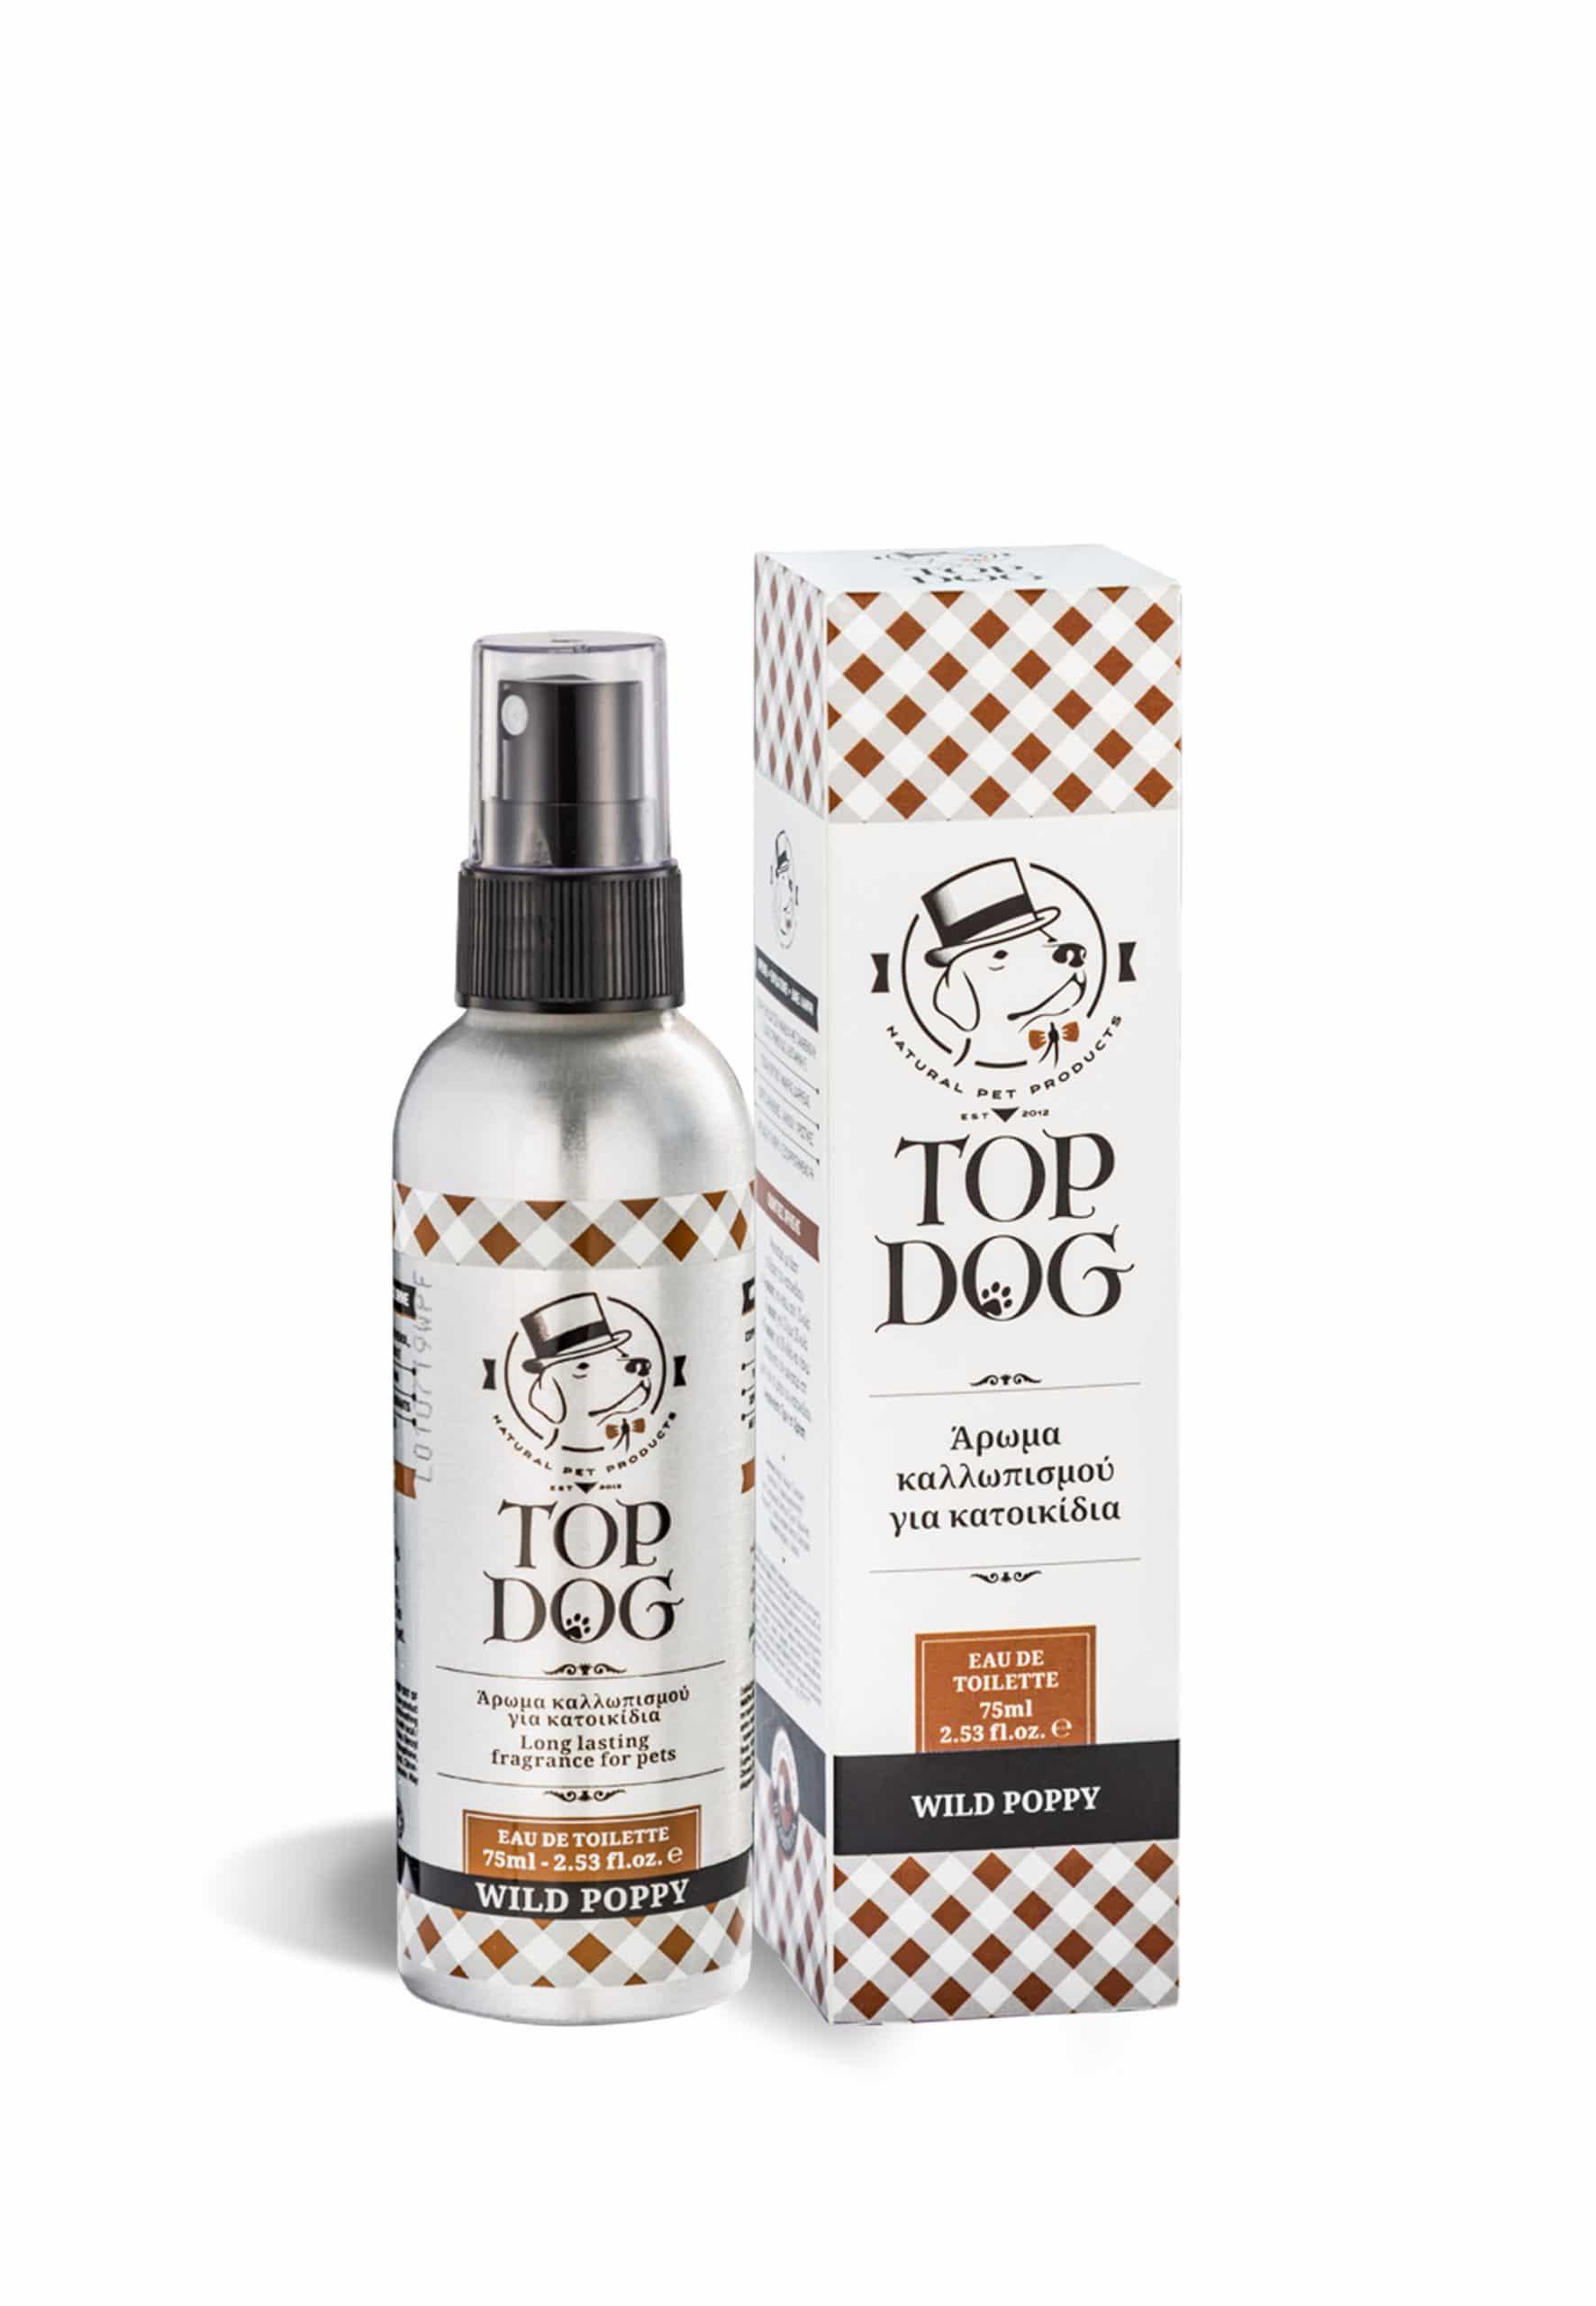 Άρωμα Καλλωπισμού Top Dog Wild Poppy